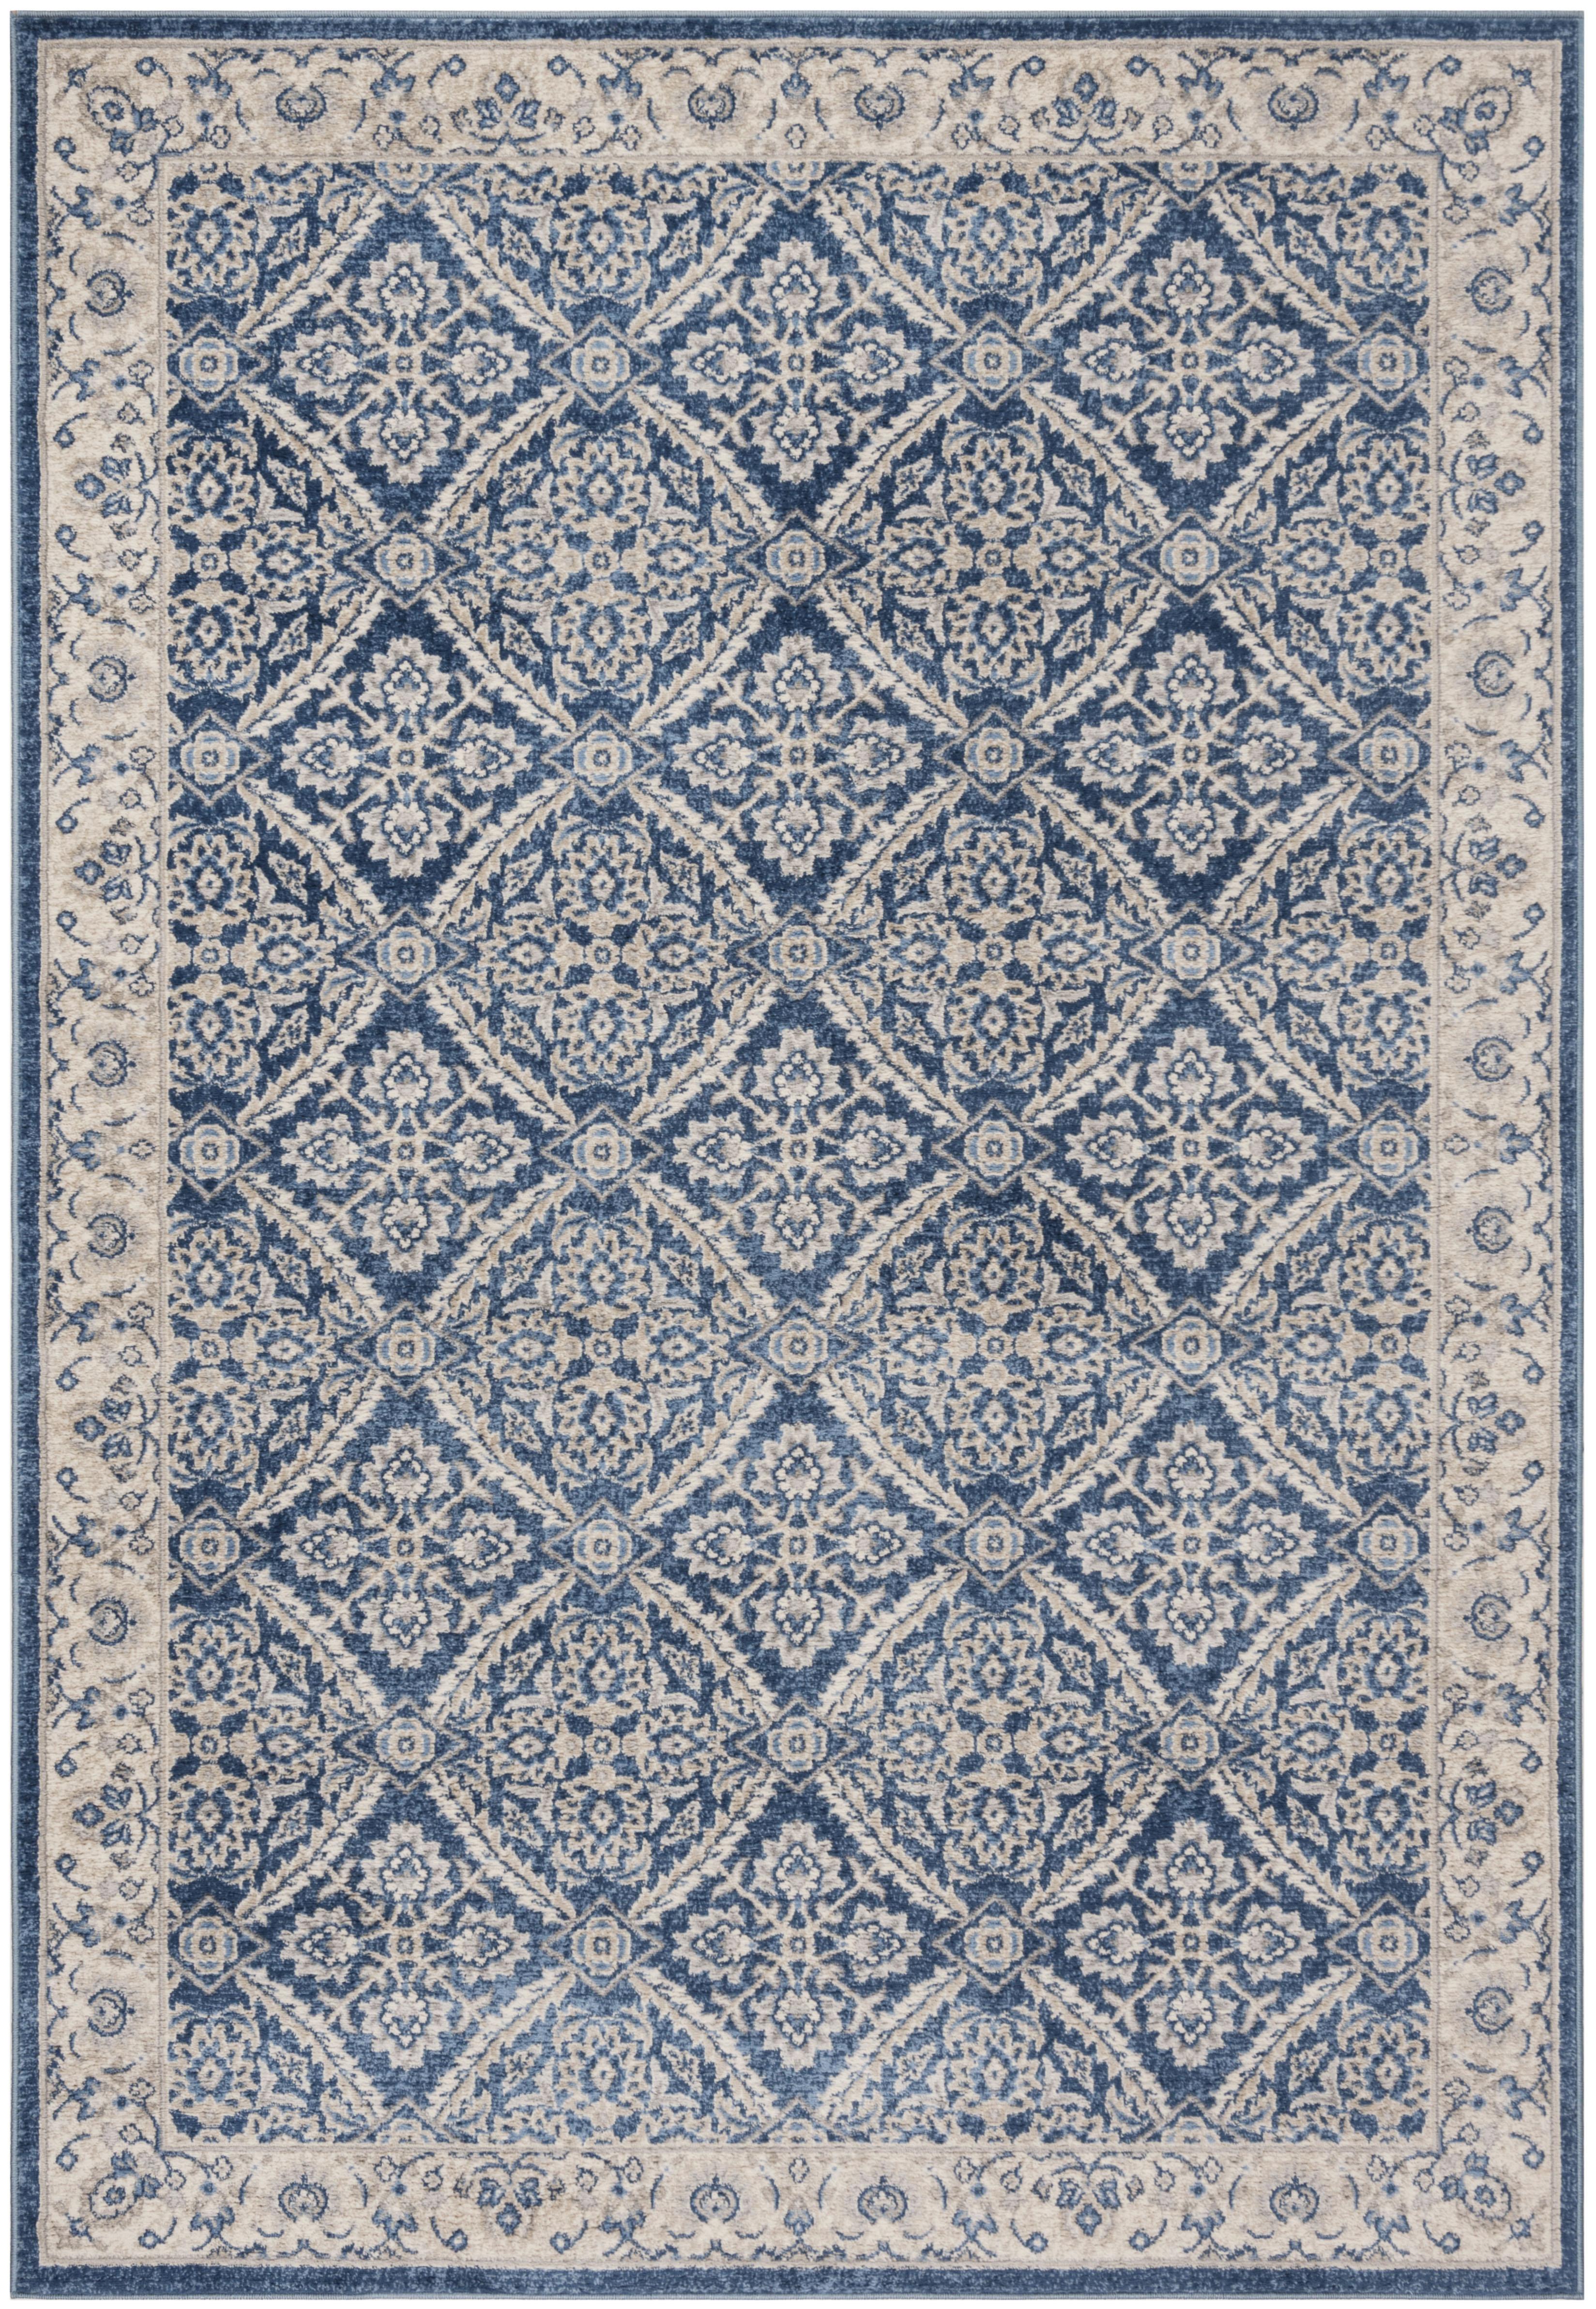 Tapis de salon classique bleu marine et crème 160x230